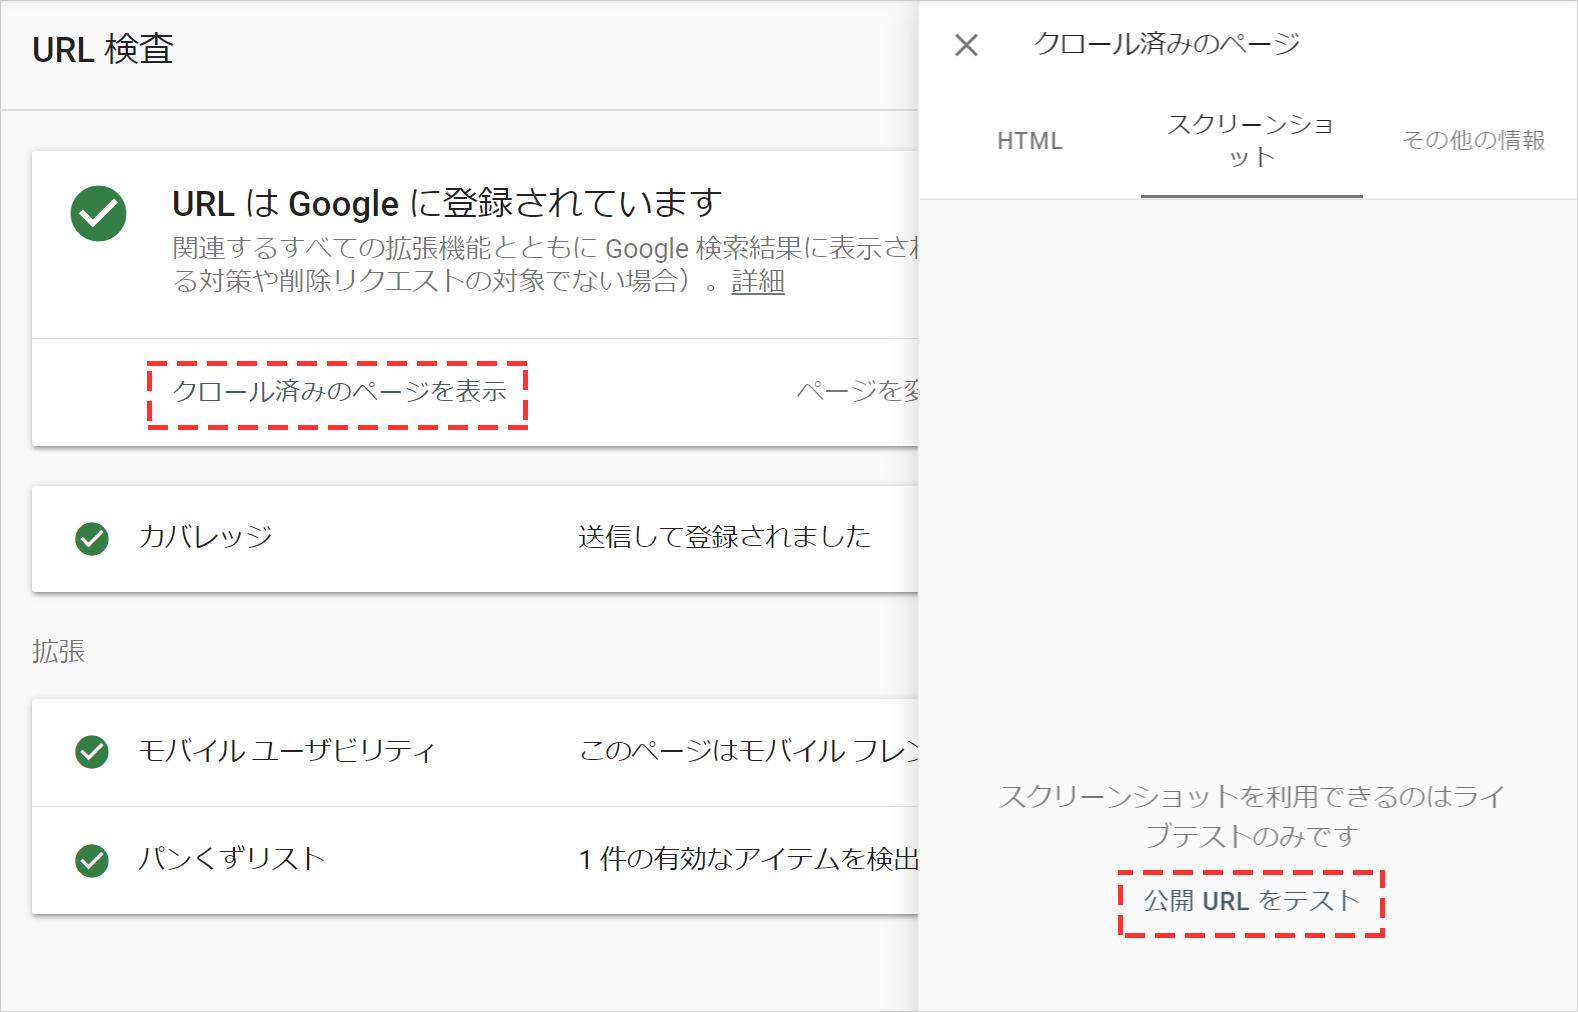 URL検査ツールでクロール済みのページを表示後、公開URLのテストをする